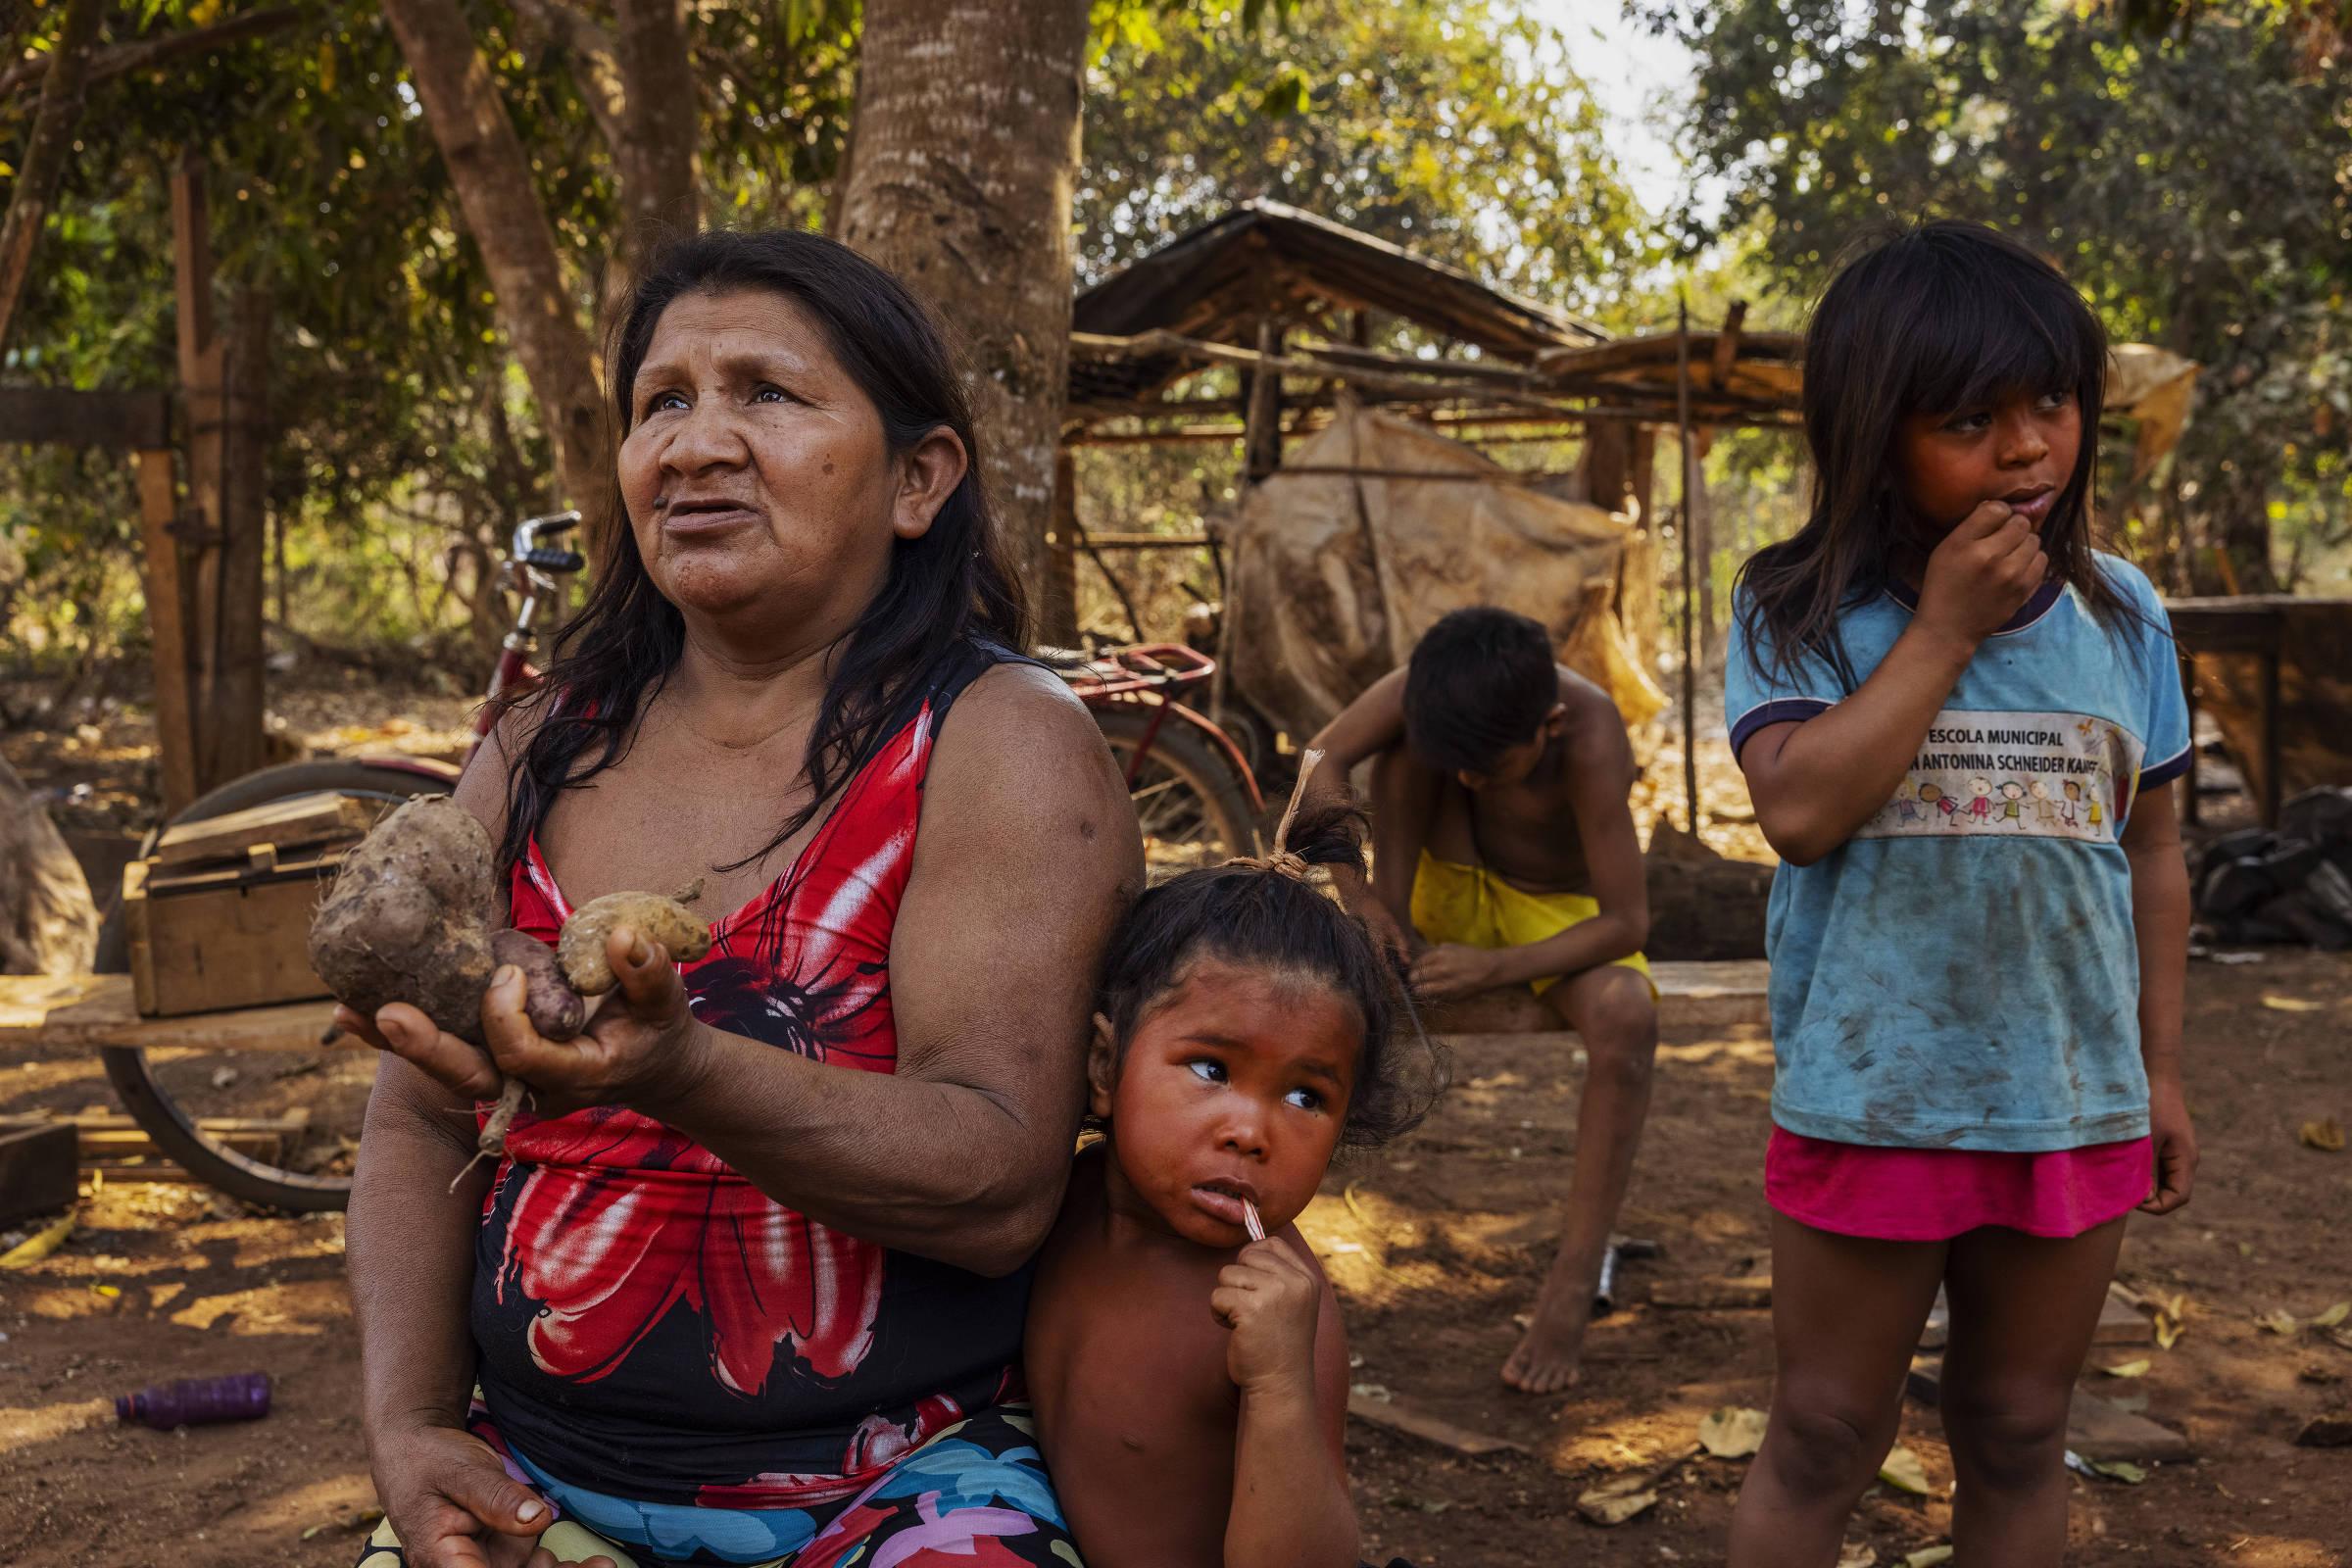 Lucibete Iurici mostra a sua produção de tubérculos, cercada pelos seus netos, na aldeia 13 de Maio na Terra Indígena Irantxe